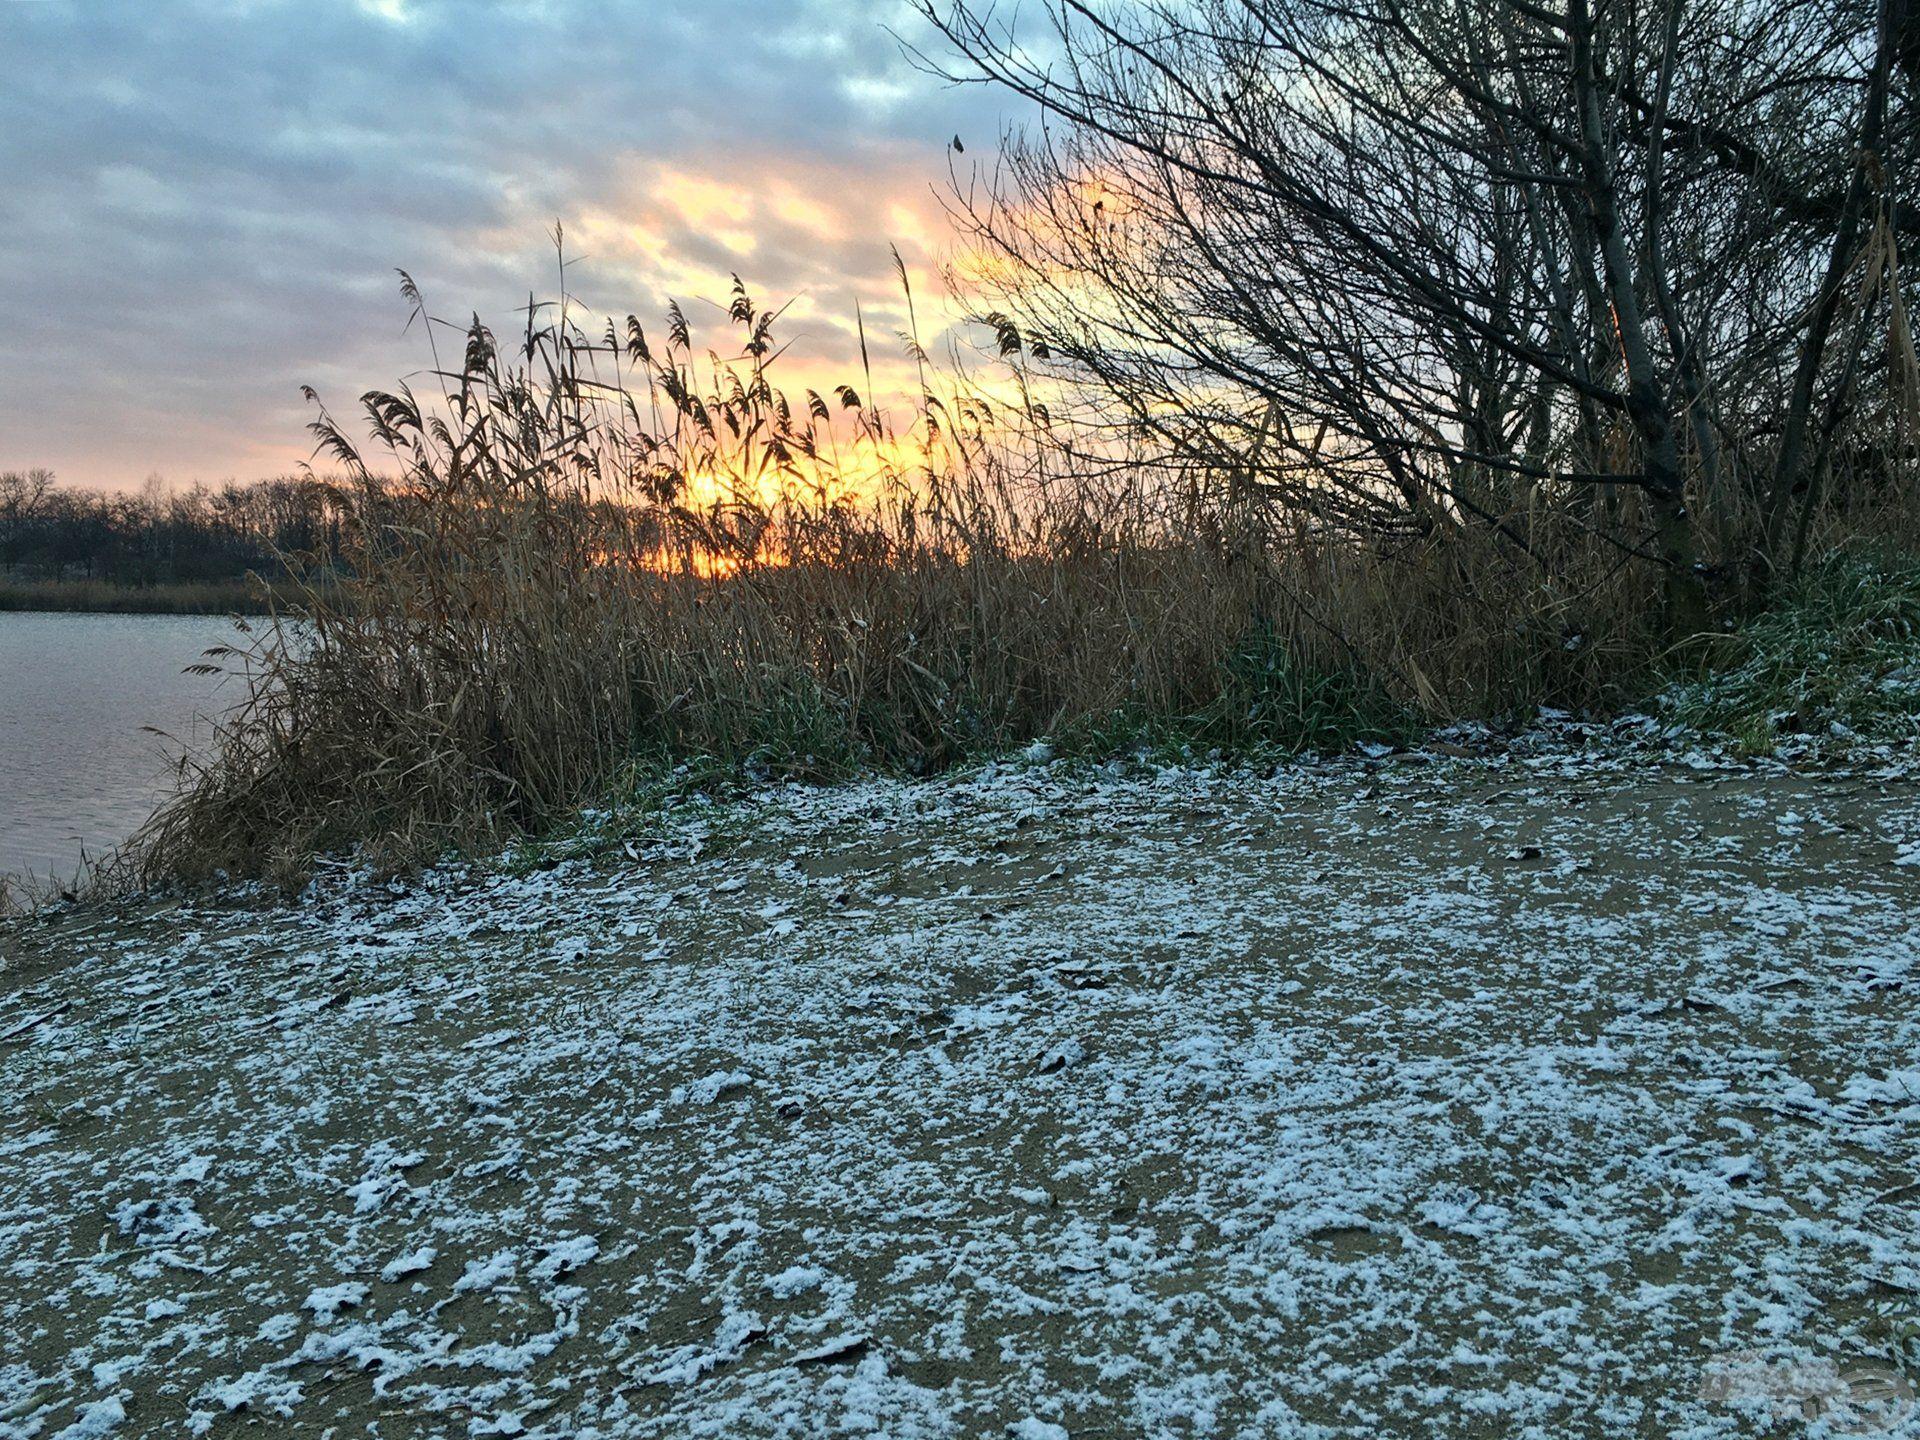 Hideg, zord, olykor havas időjárás fogadott a vízparton, amely cseppet sem szegte kedvem. Sőt, mindenáron meg akartam győzni még magamat is, hogy ilyenkor is jó eséllyel pályázhatunk akár a nagytestű pontyokra is